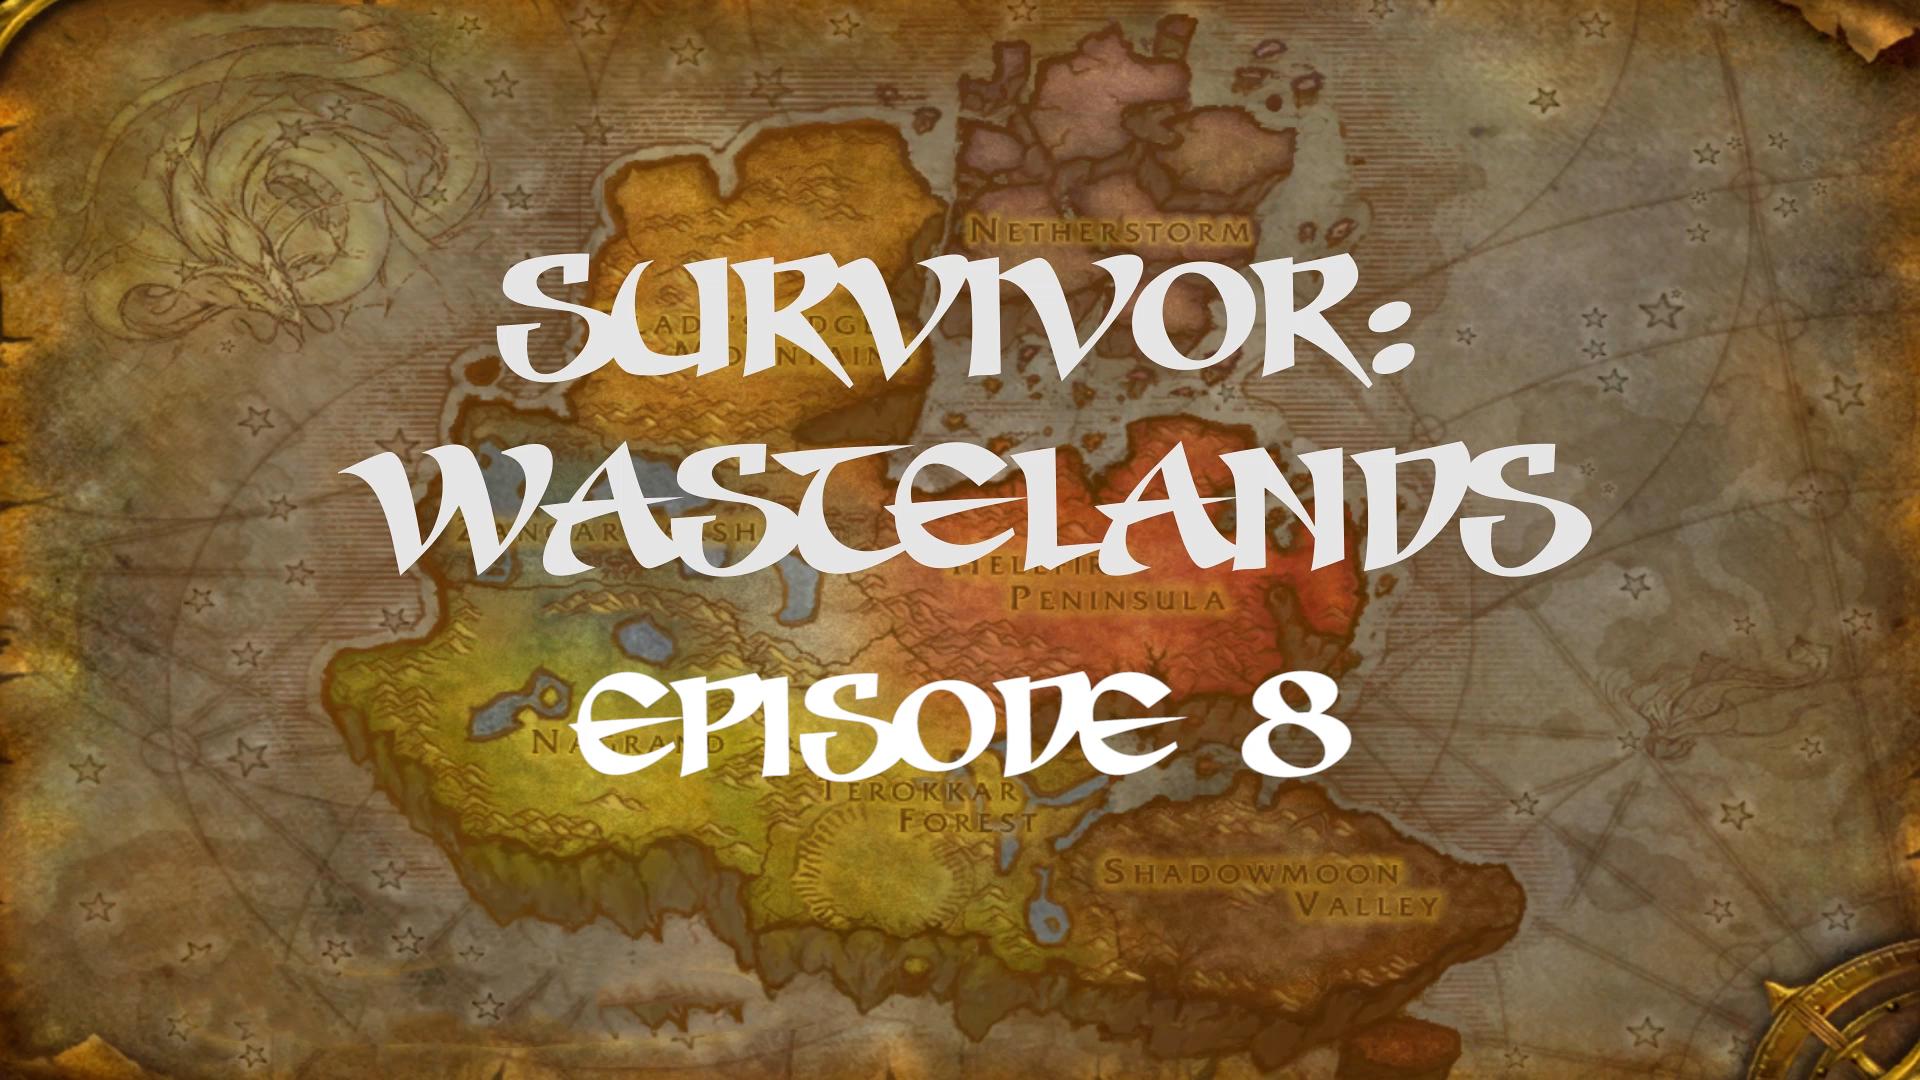 Survivor Wastelands Episode 8.jpg